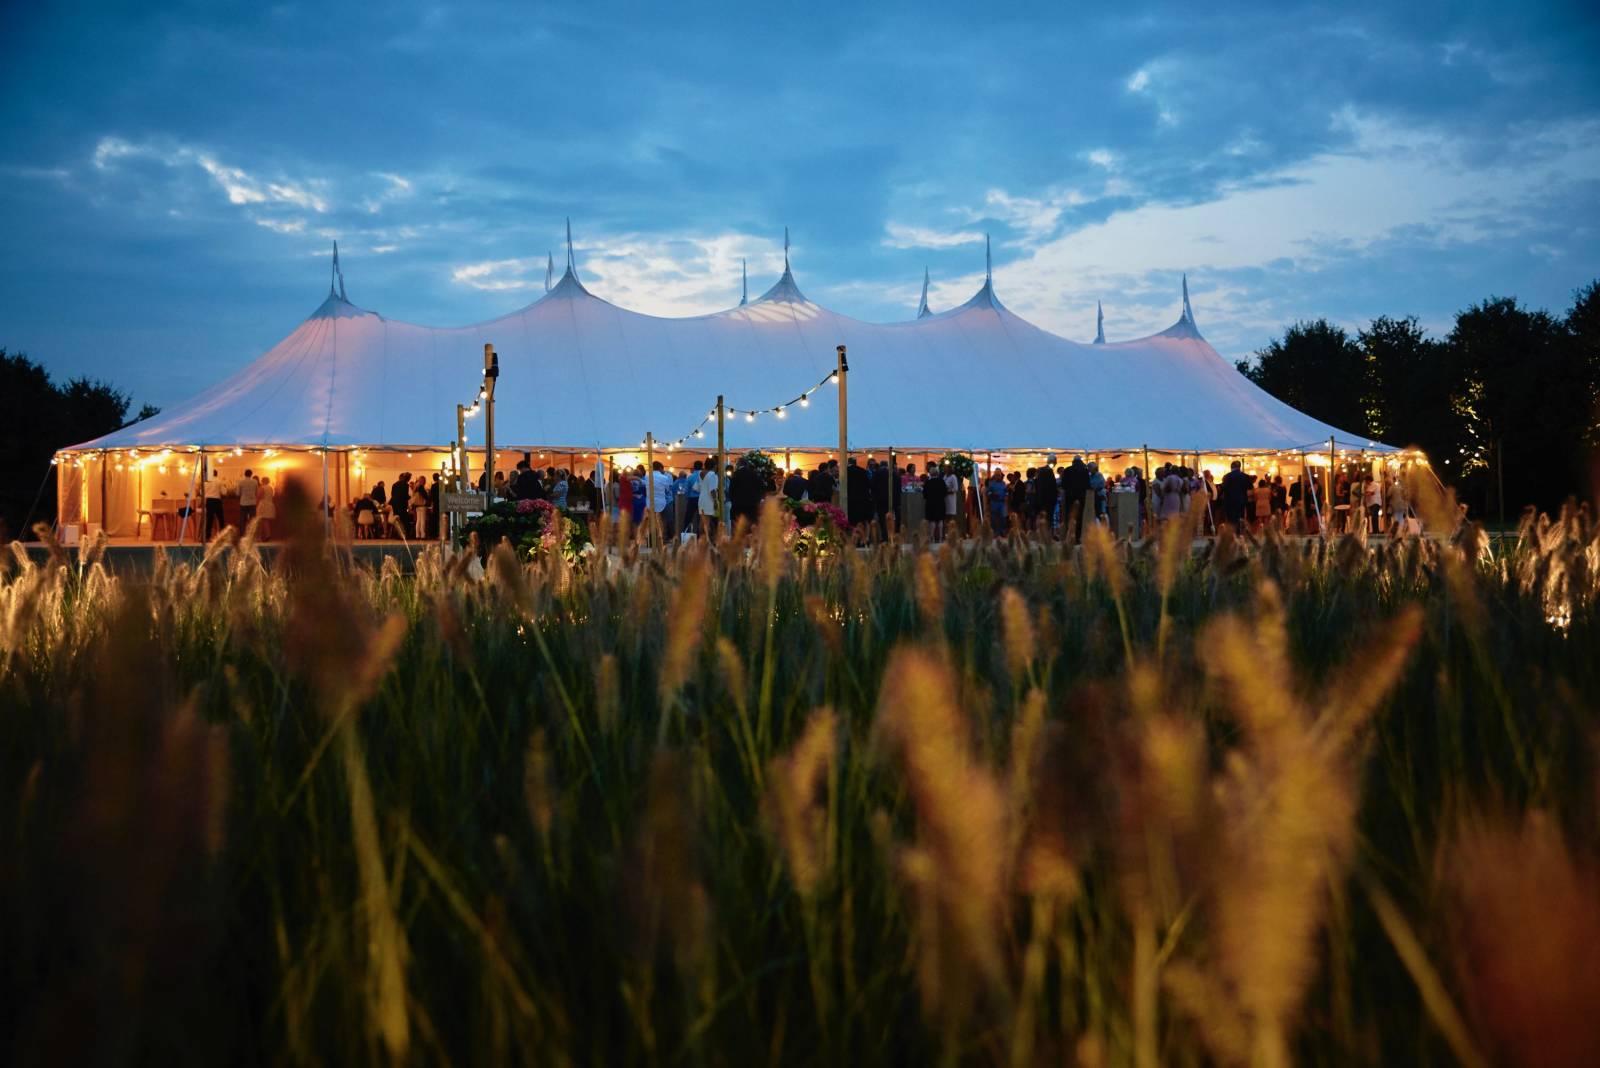 Organic-Concepts - Tenten - Feesttenten - Verhuur Tenten - Silhouette tent - House of Events - 5